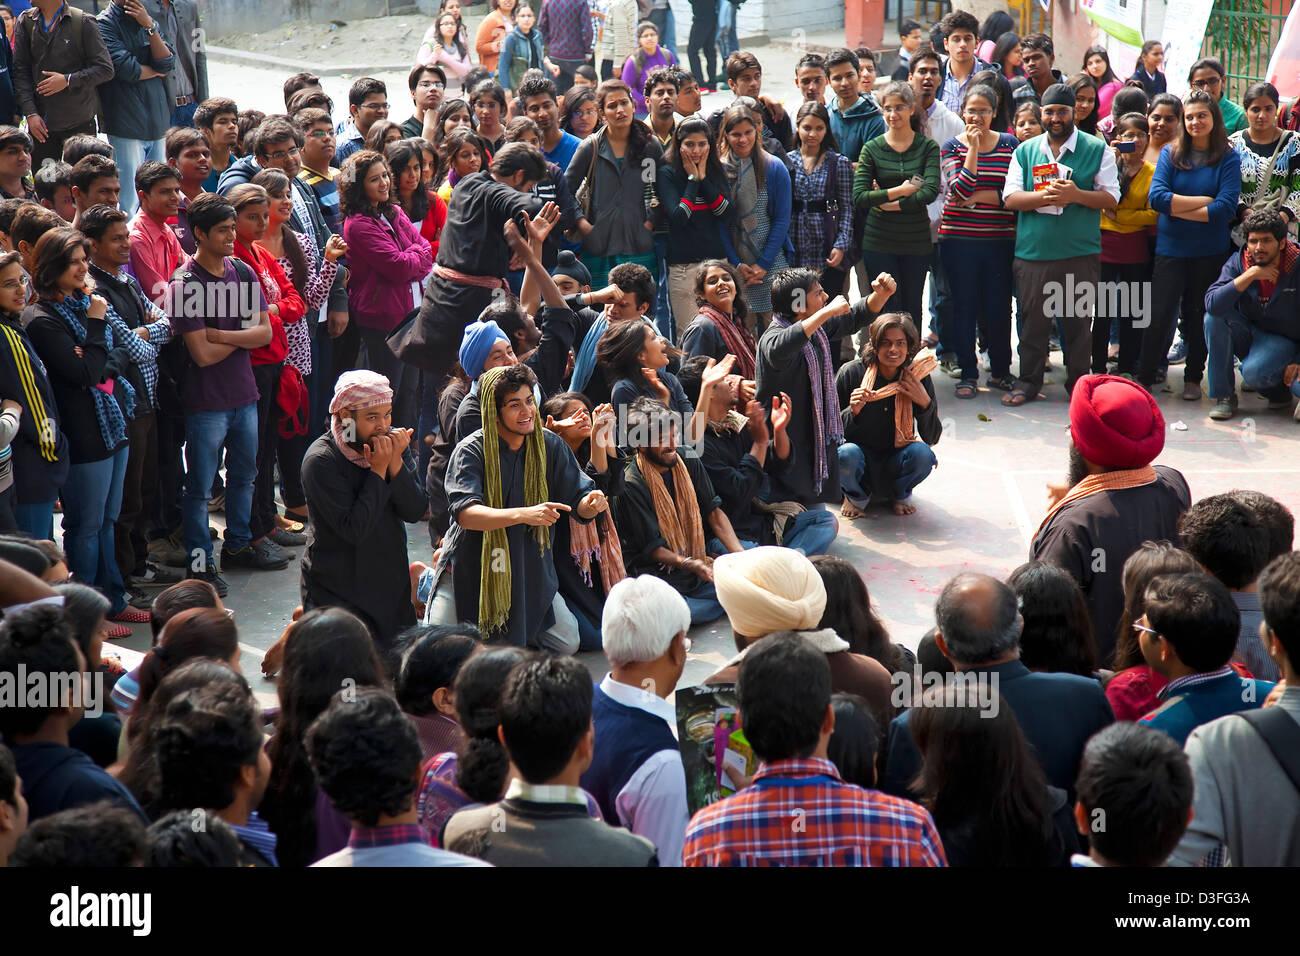 Estudiante universitario,entretenimiento adulto joven,calle,jugar,la cultura juvenil,muchas personas,realizar eventos Imagen De Stock